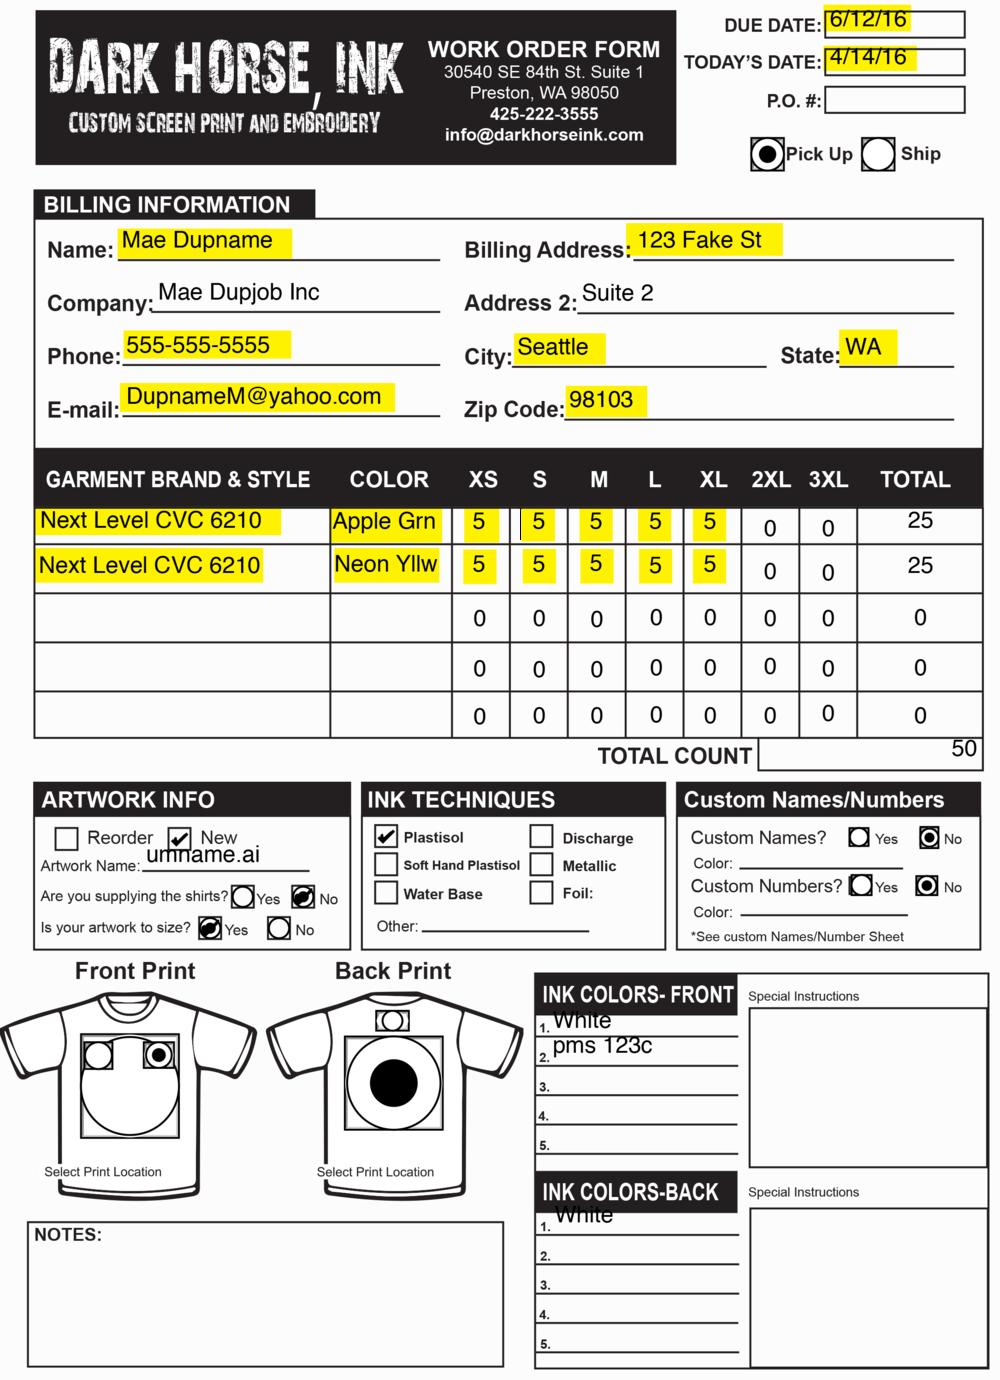 Work Order Form Sample.png